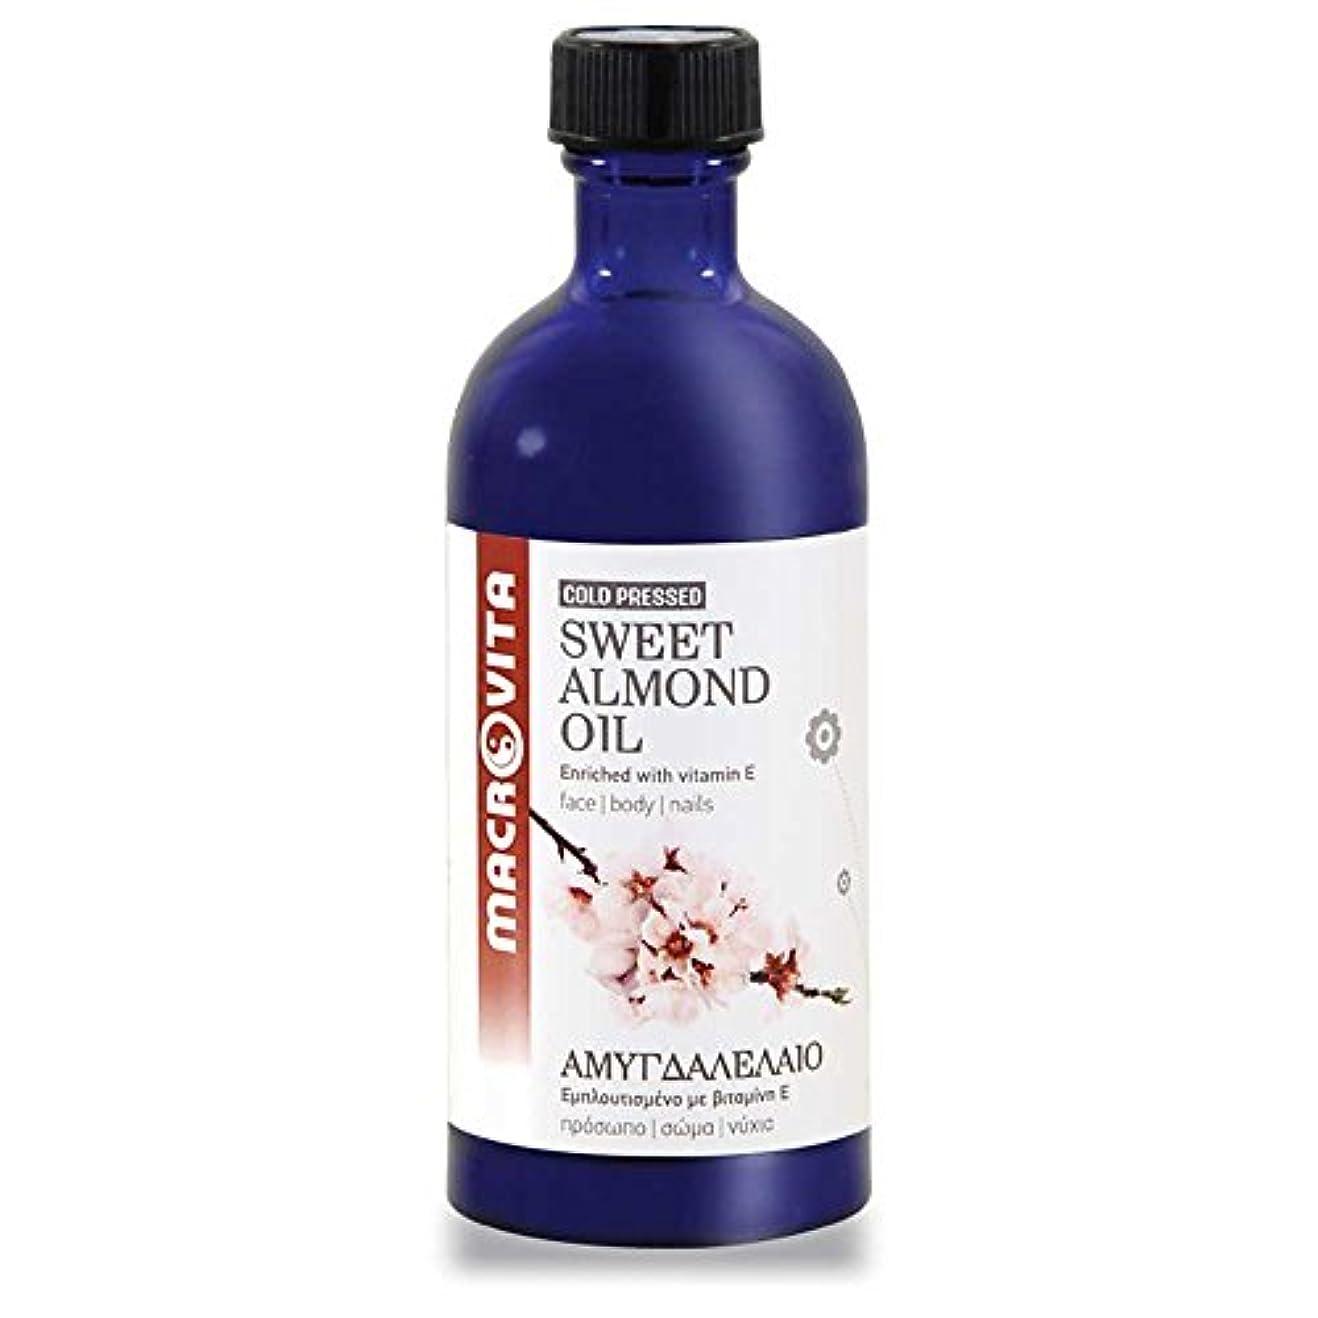 形まっすぐスクランブルマクロビータ スイートアーモンドオイル 100ml ギリシャ自然派化粧品コスメオイル (天然成分100%)